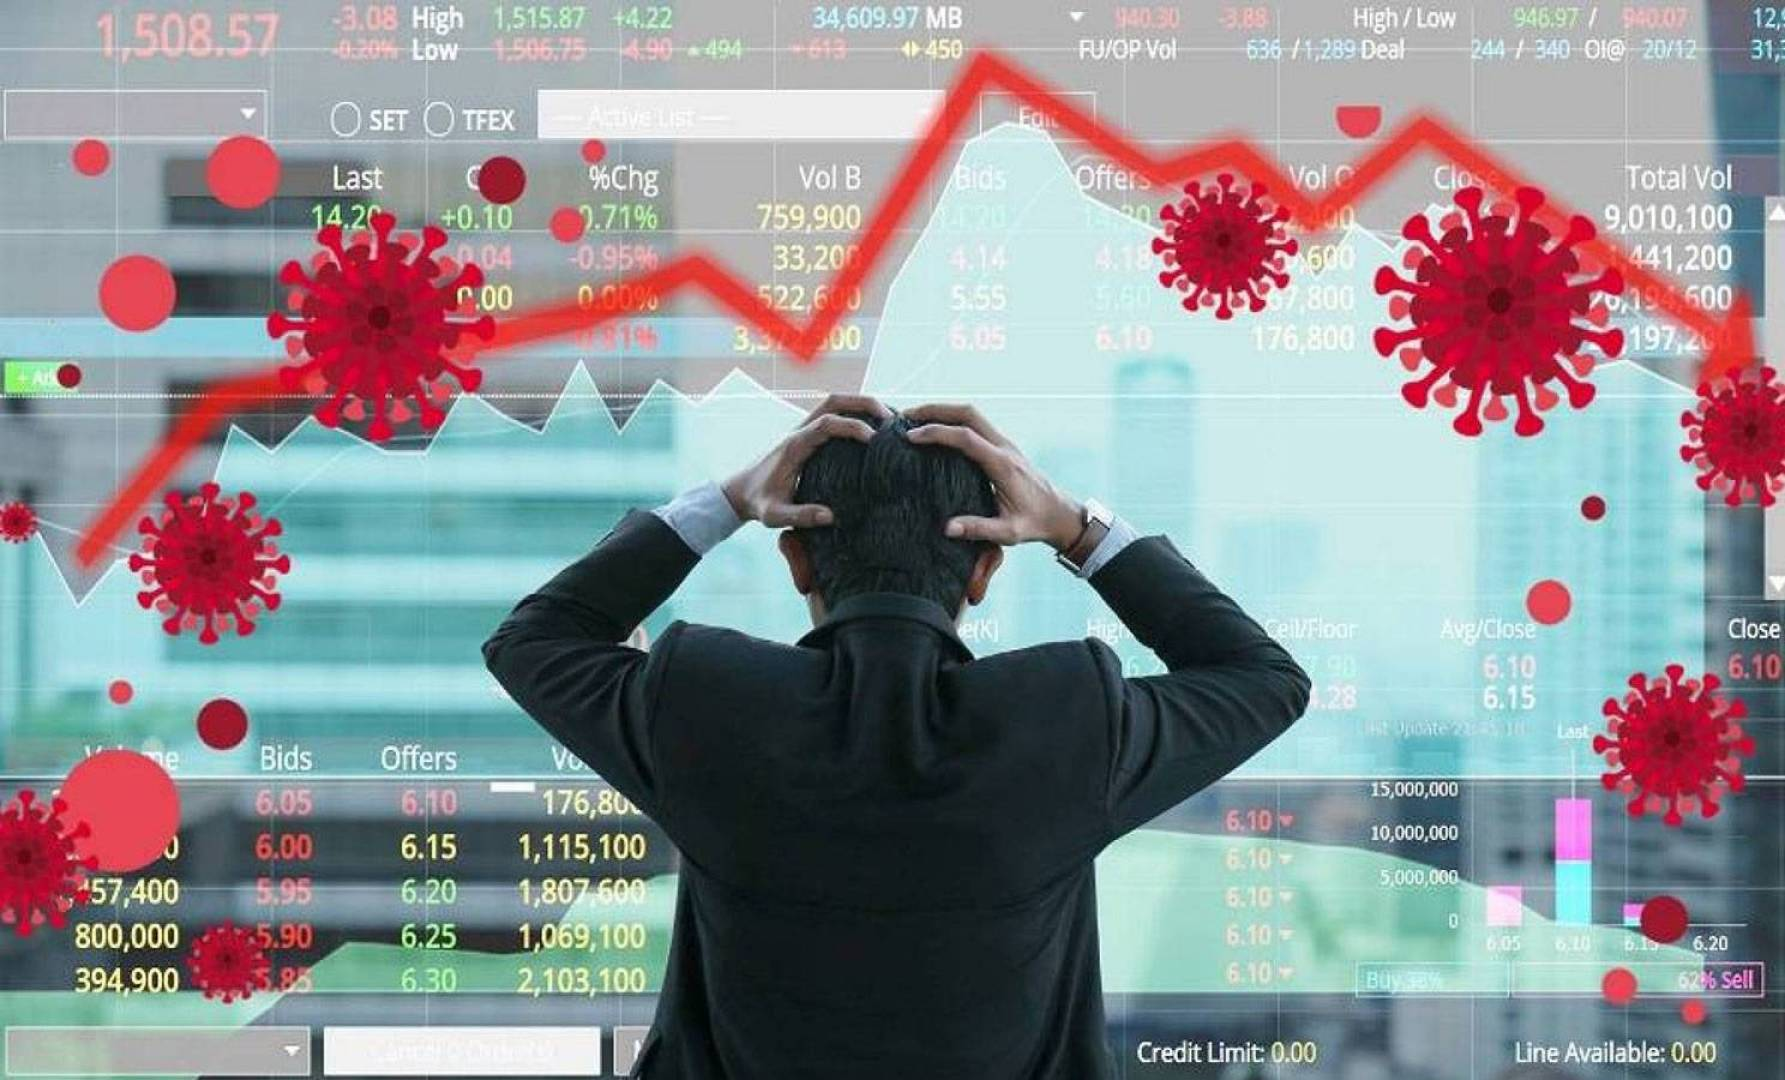 قادة أعمال: كورونا والتداعيات الاقتصادية للجائحة أكبر التهديدات في العالم